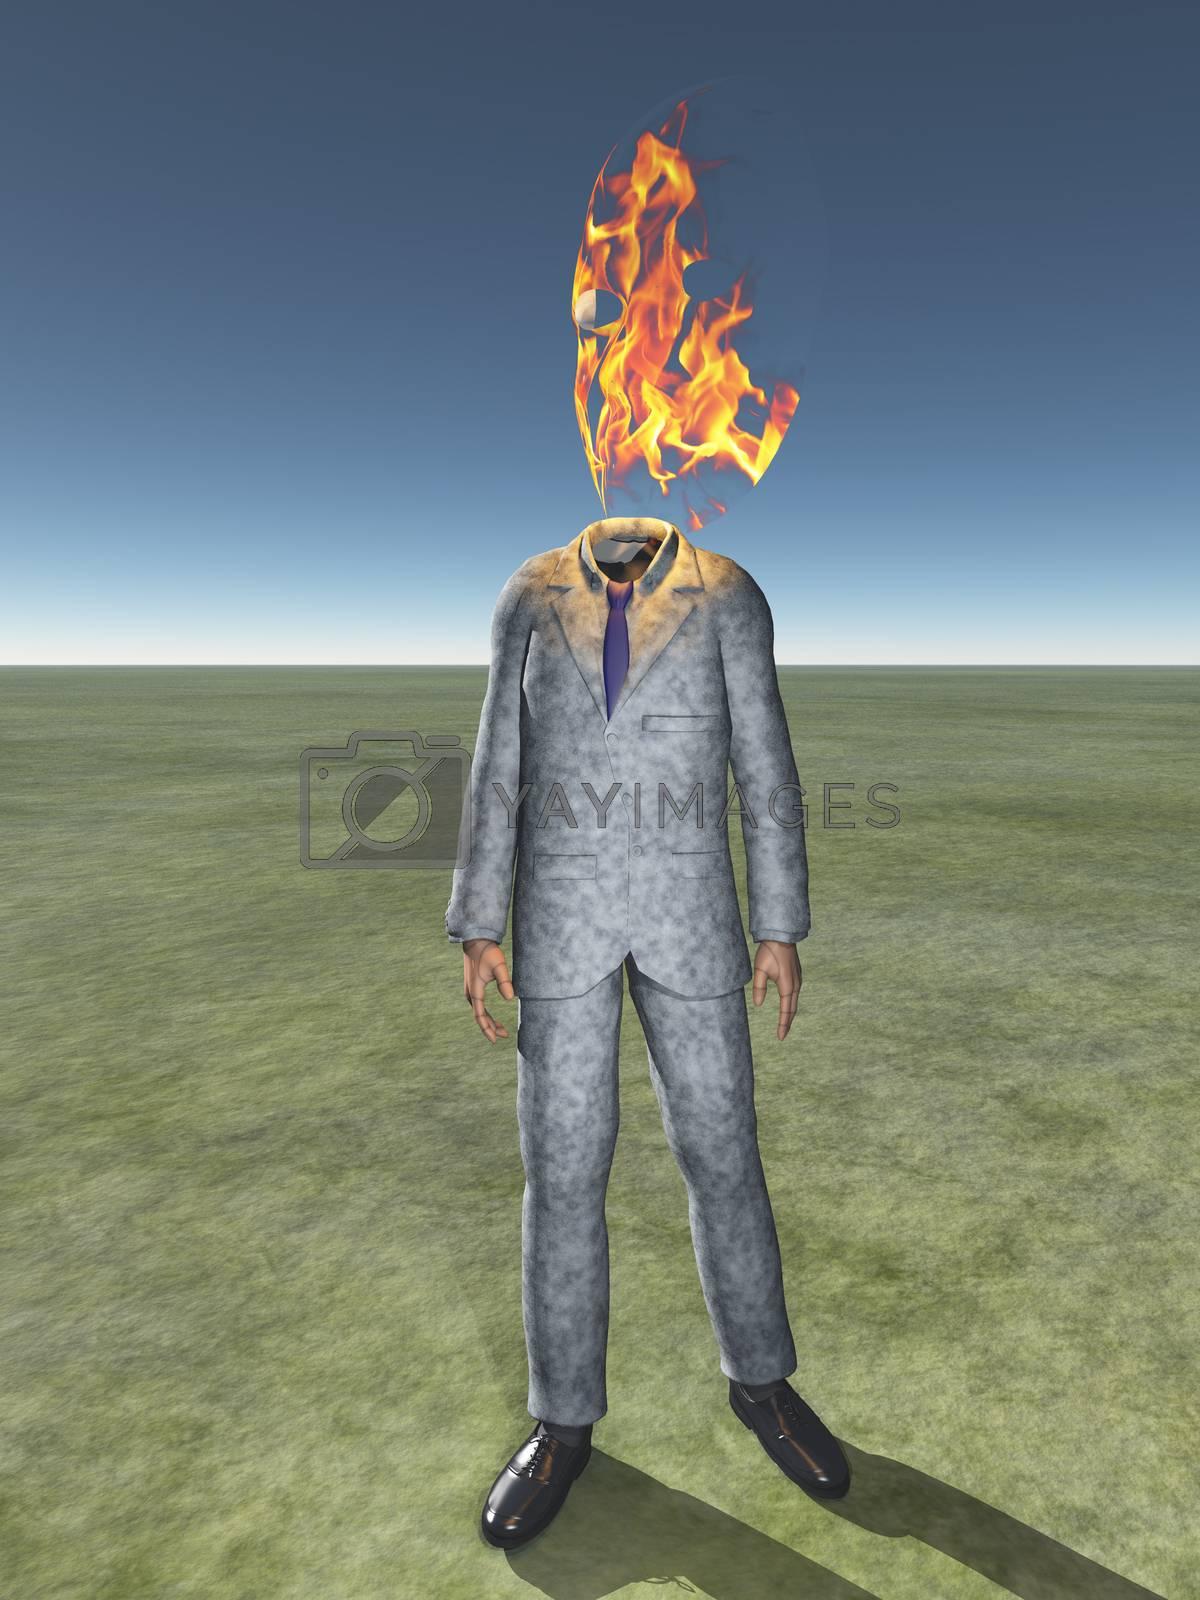 Fire head by applesstock